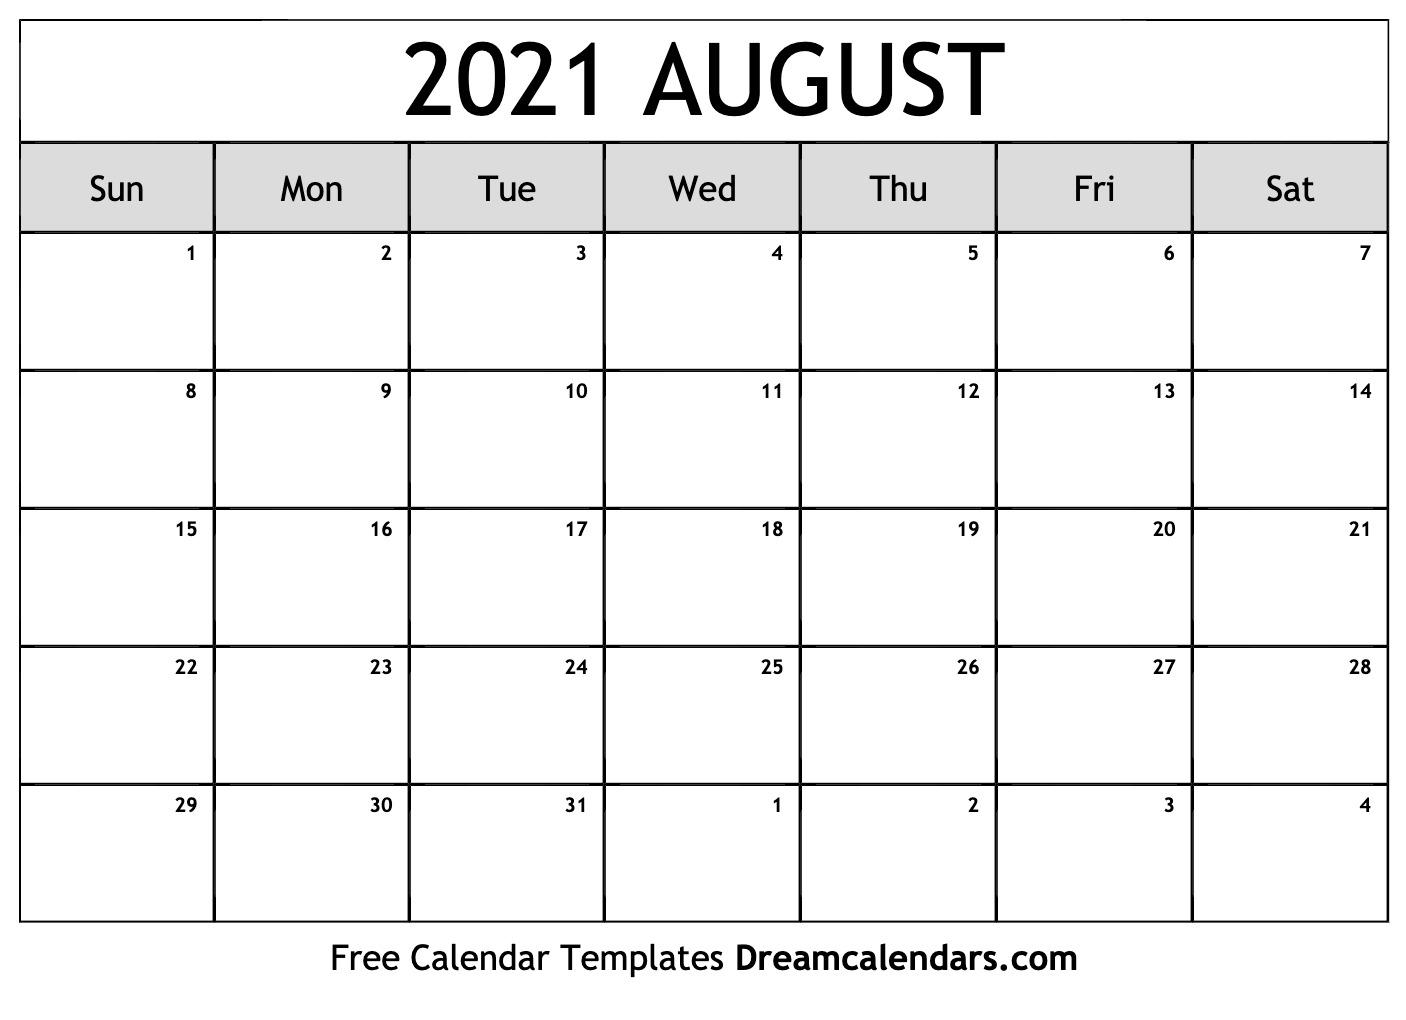 Get 2021 August Calendar